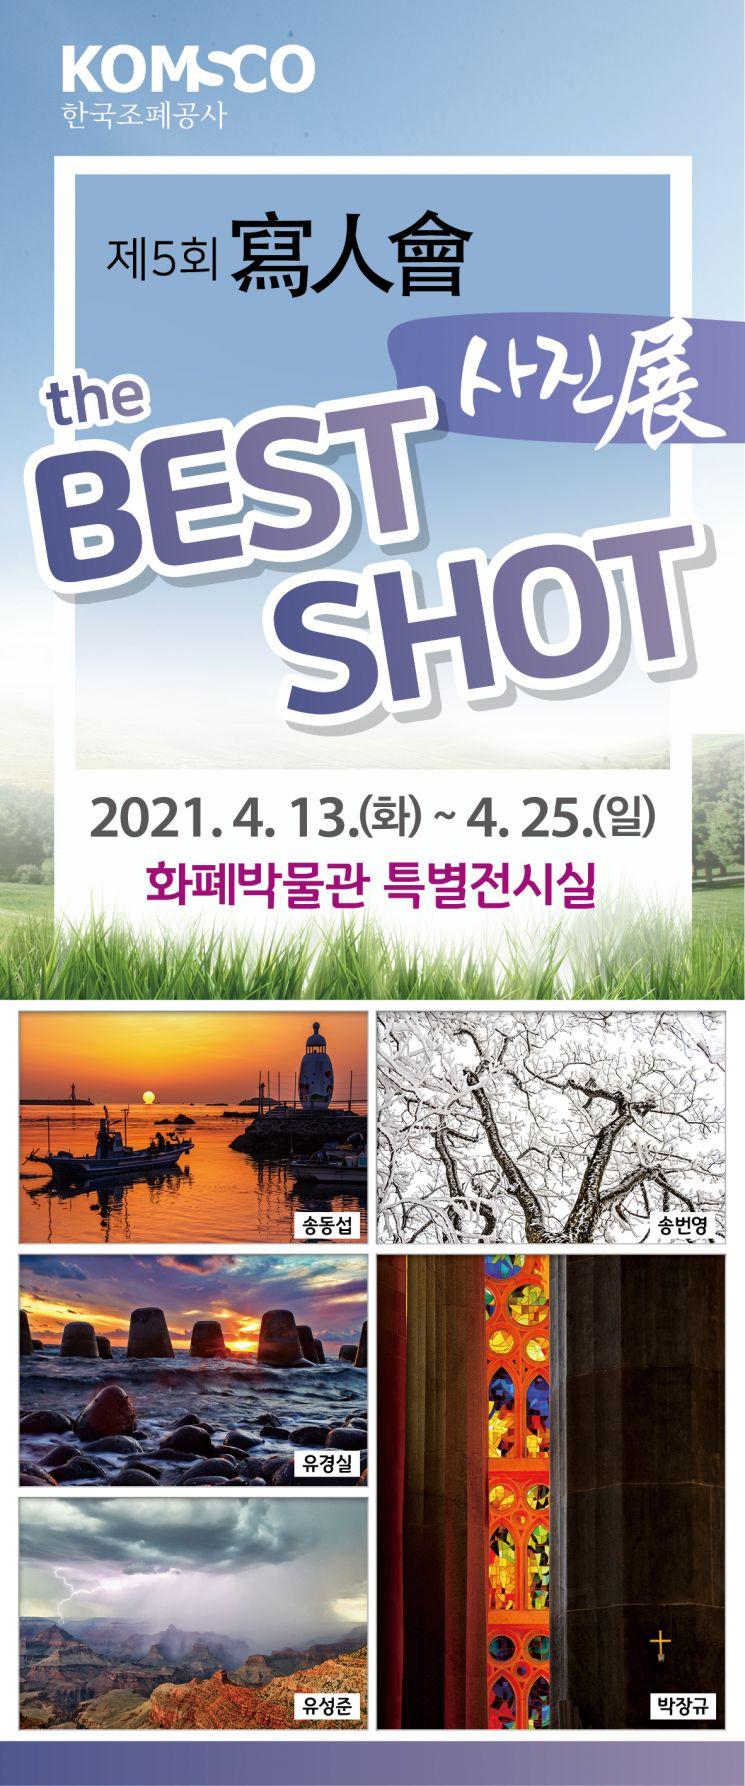 사진전 '더 베스트 샷(THE BEST SHOT)' 포스터. 한국조폐공사 제공